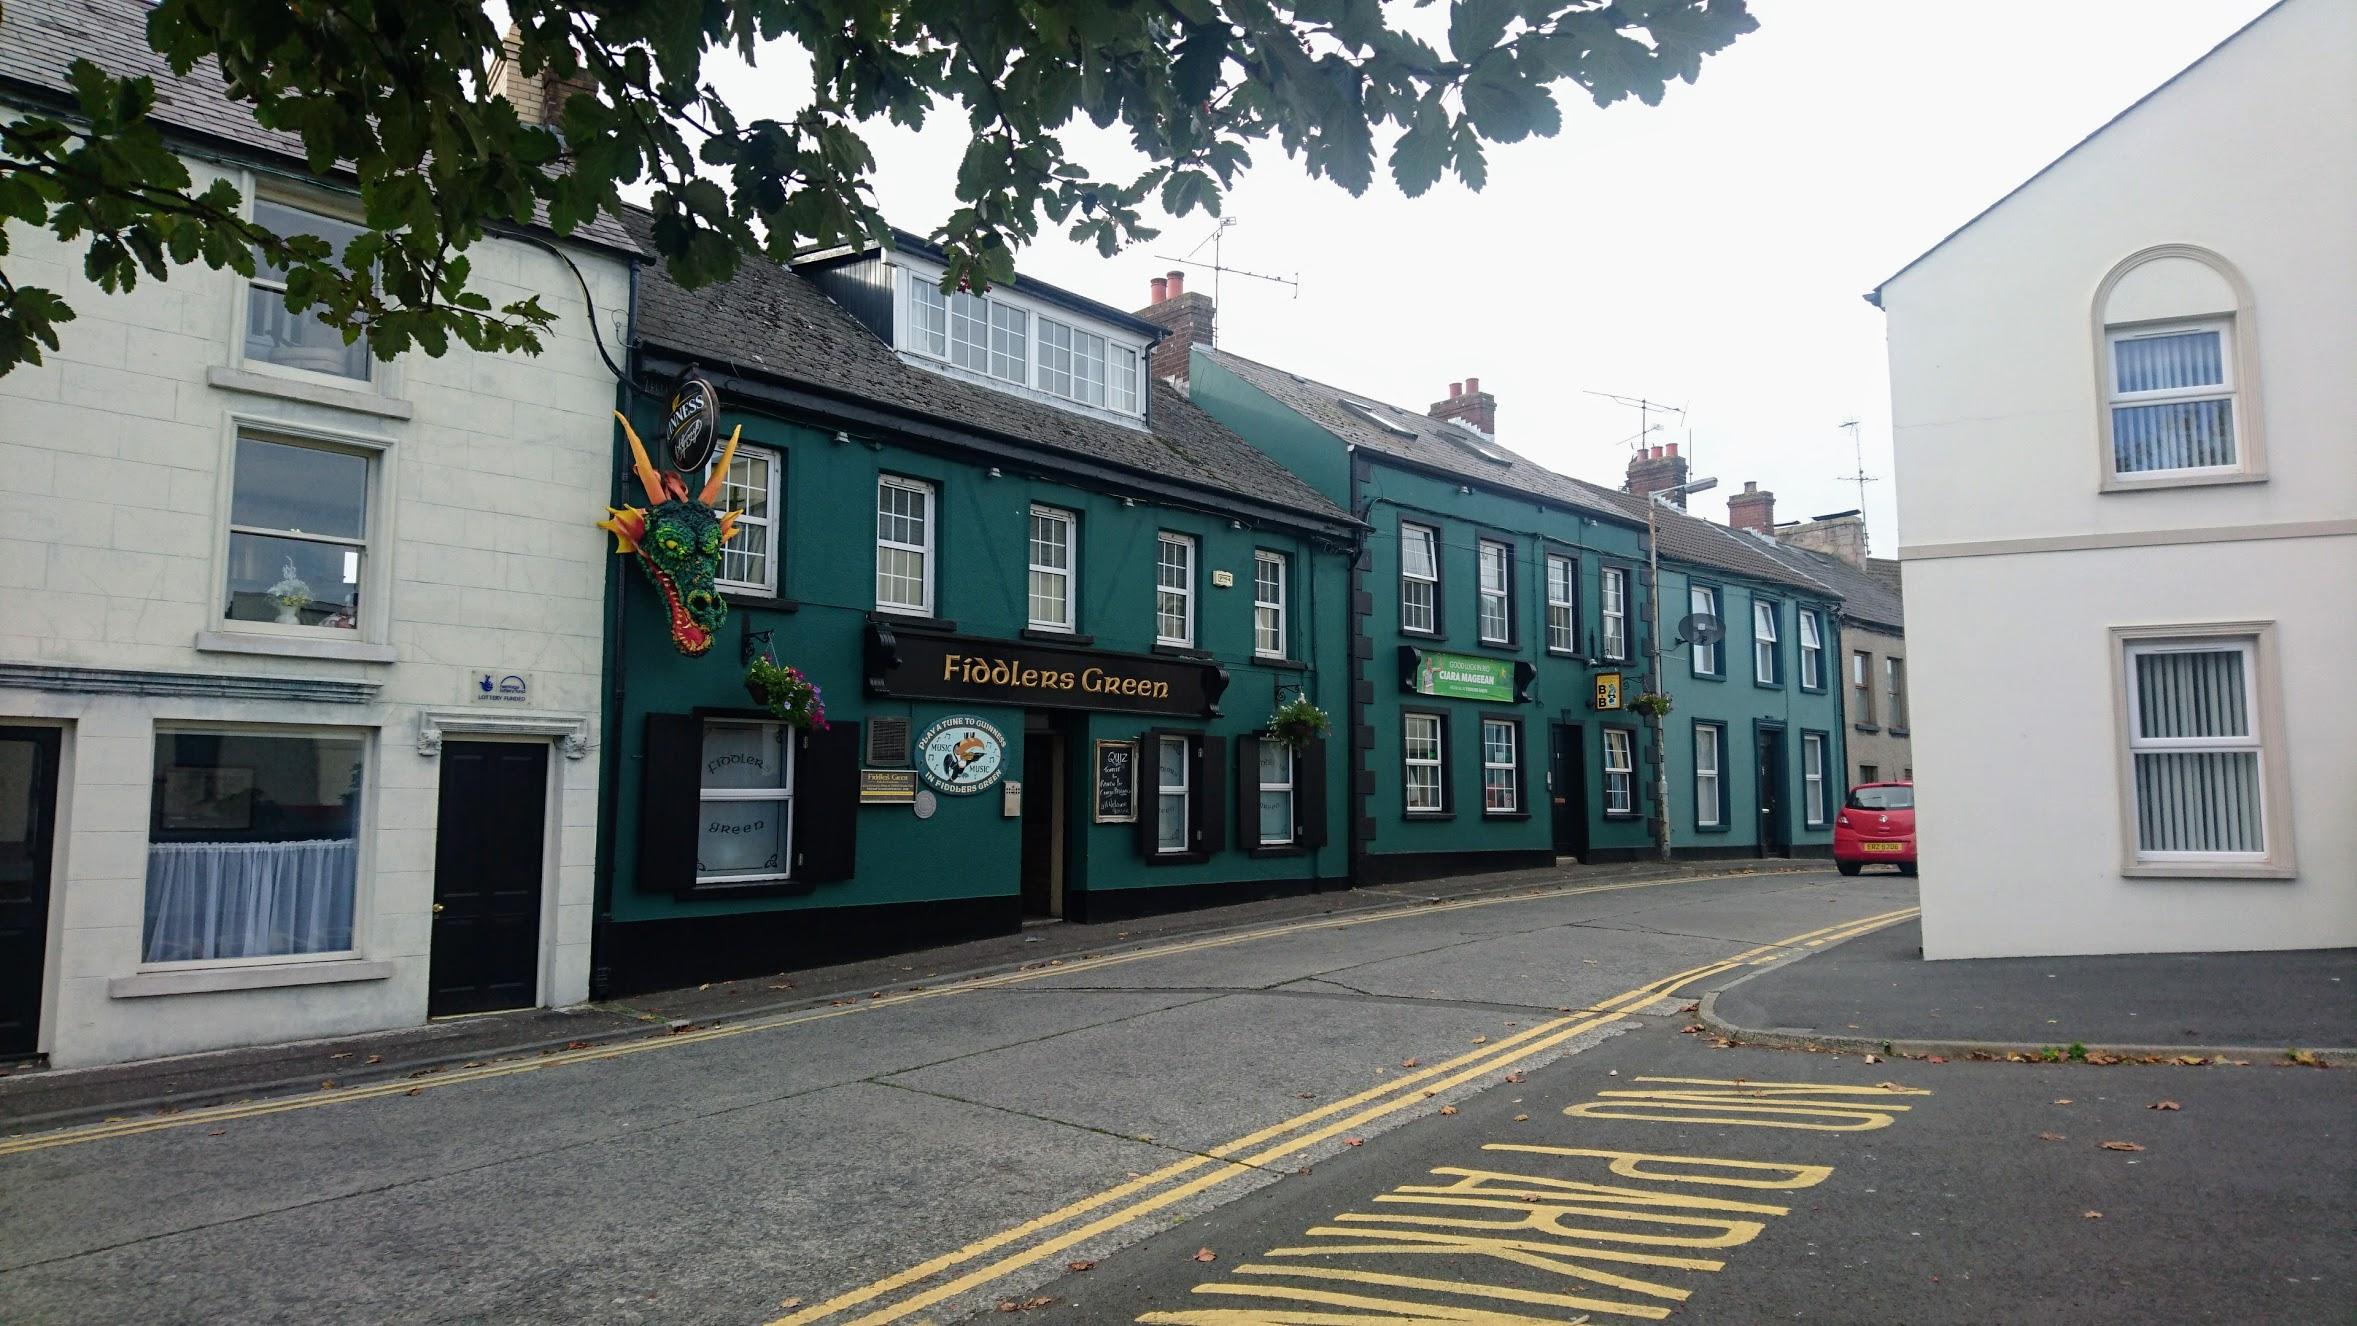 The Fiddlers Green,10 Church St, Portaferry, Newtownards BT22 1LS, UK,+44 28 4272 8393